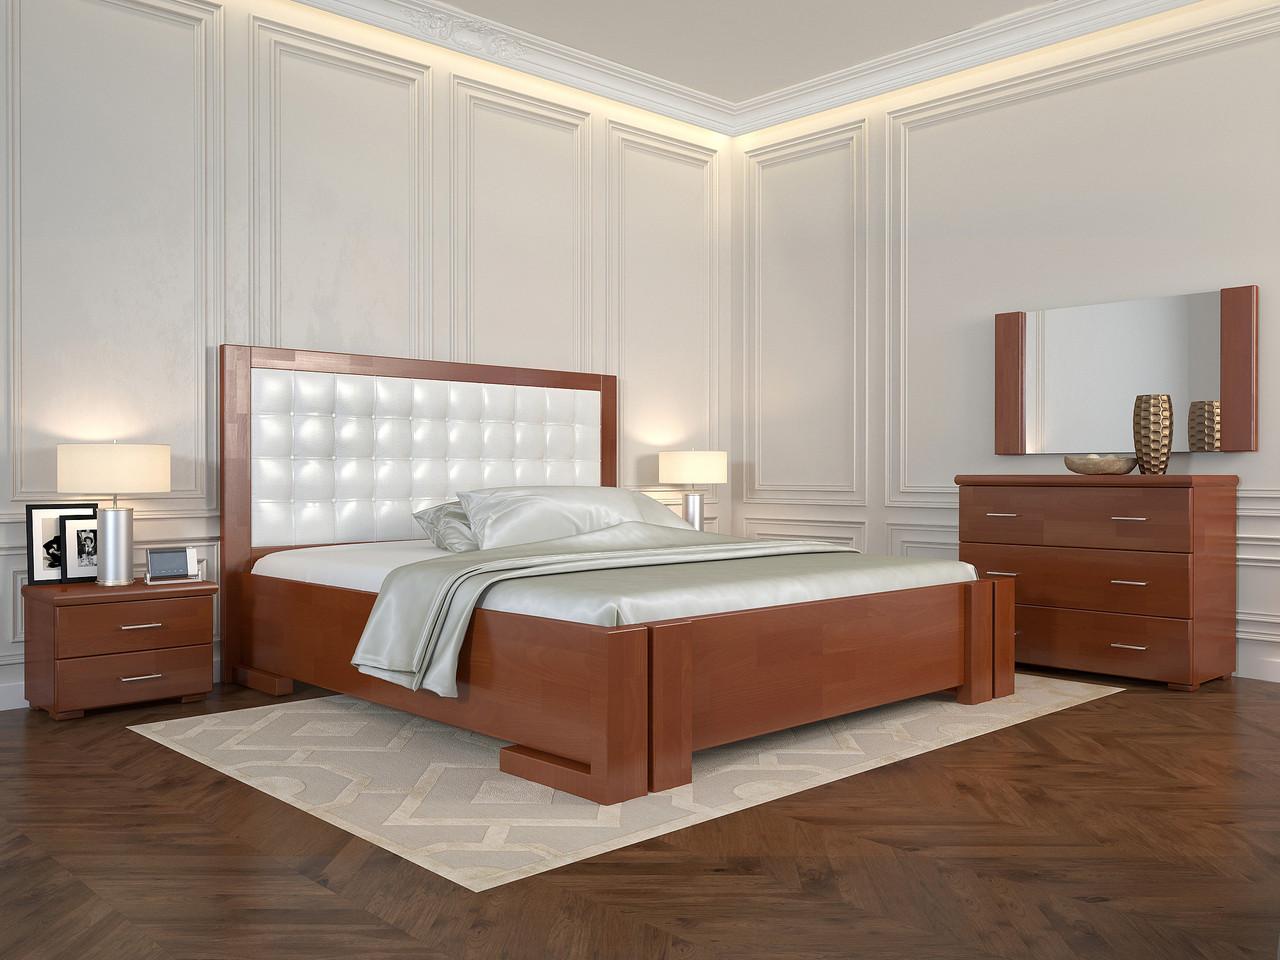 Кровать с механизмом Arbordrev Амбер квадраты (180*190) сосна